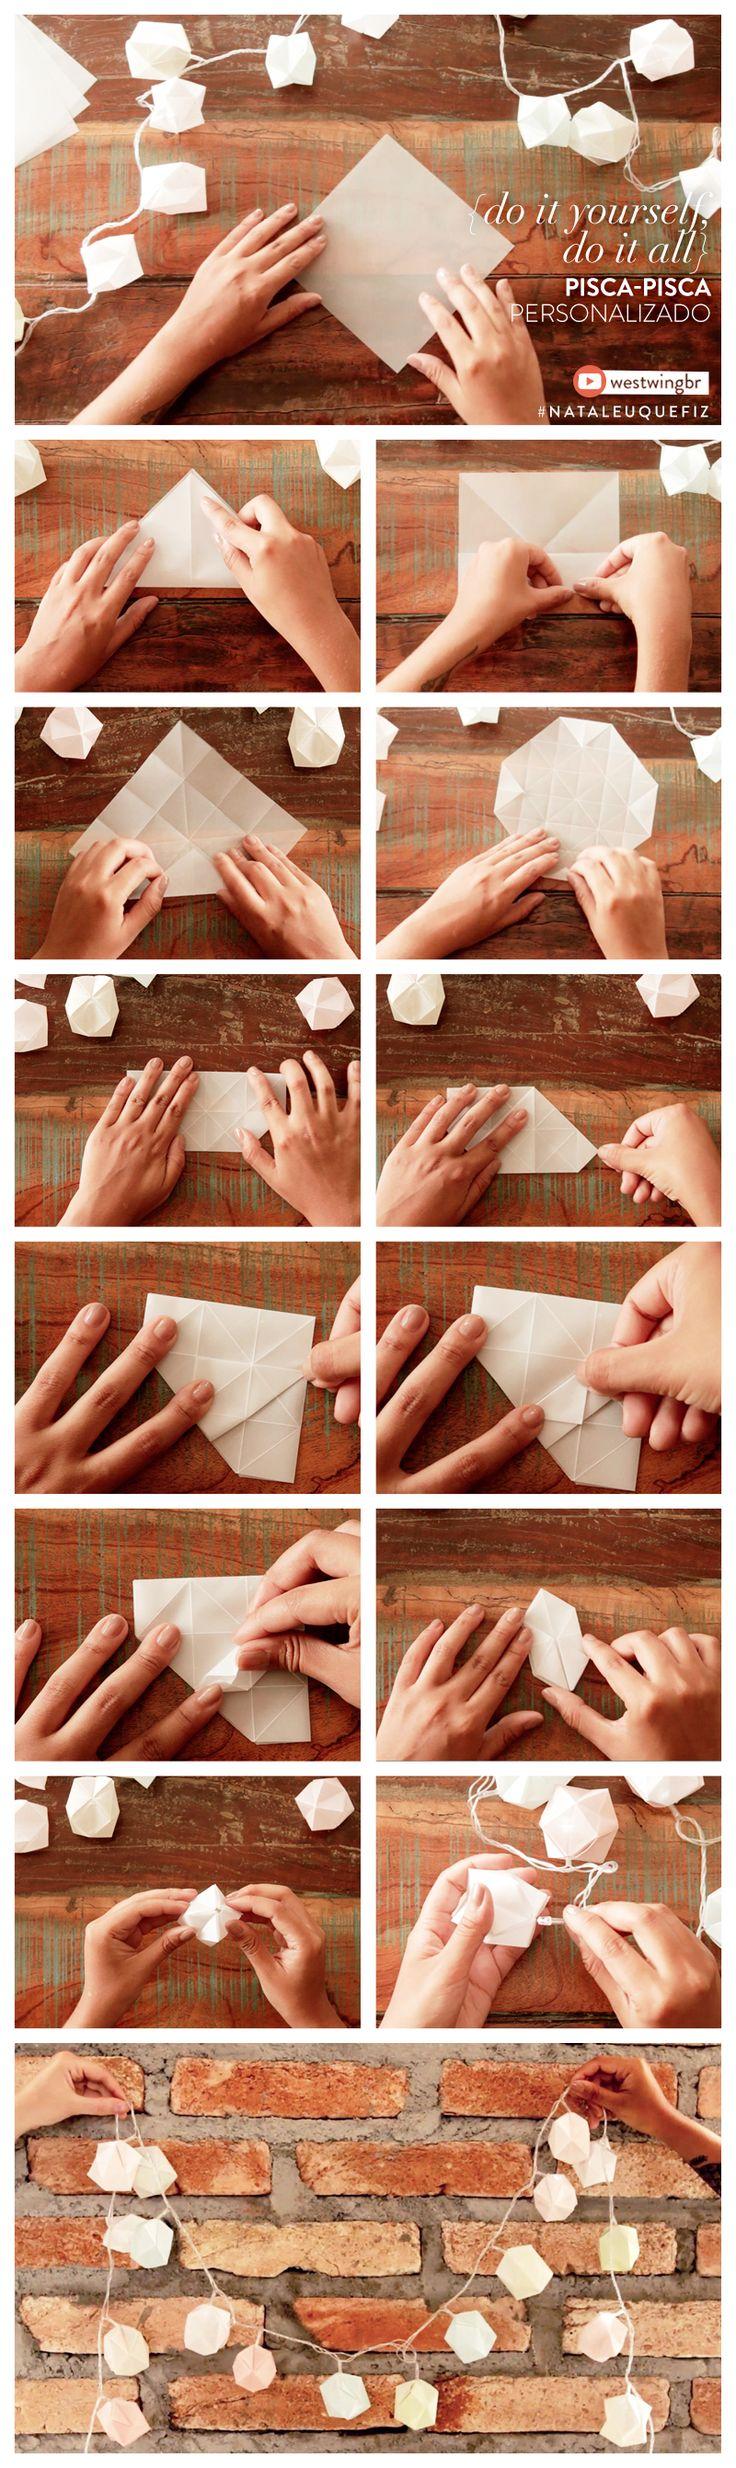 Tem um pisca-pisca de Natal em casa e quer deixá-lo com uma carinha diferente? Aprenda com nosso passo-a-passo como um pequeno pedaço de papel vegetal pode transformar a iluminação de qualquer ambiente!